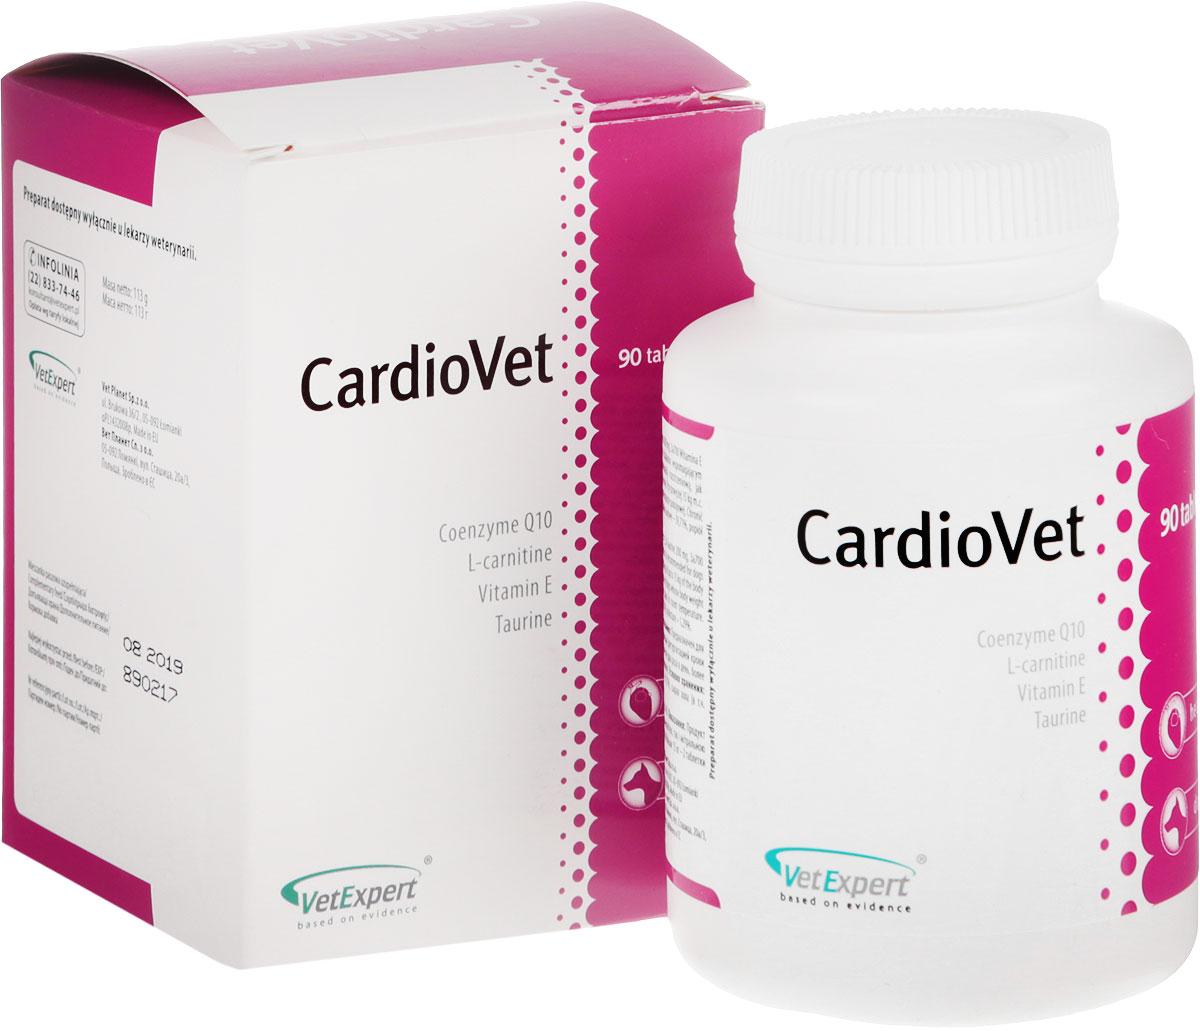 Препарат для собак VetExpert  CardioVet , для сердечной системы, 90 таблеток - Ветеринарная аптека